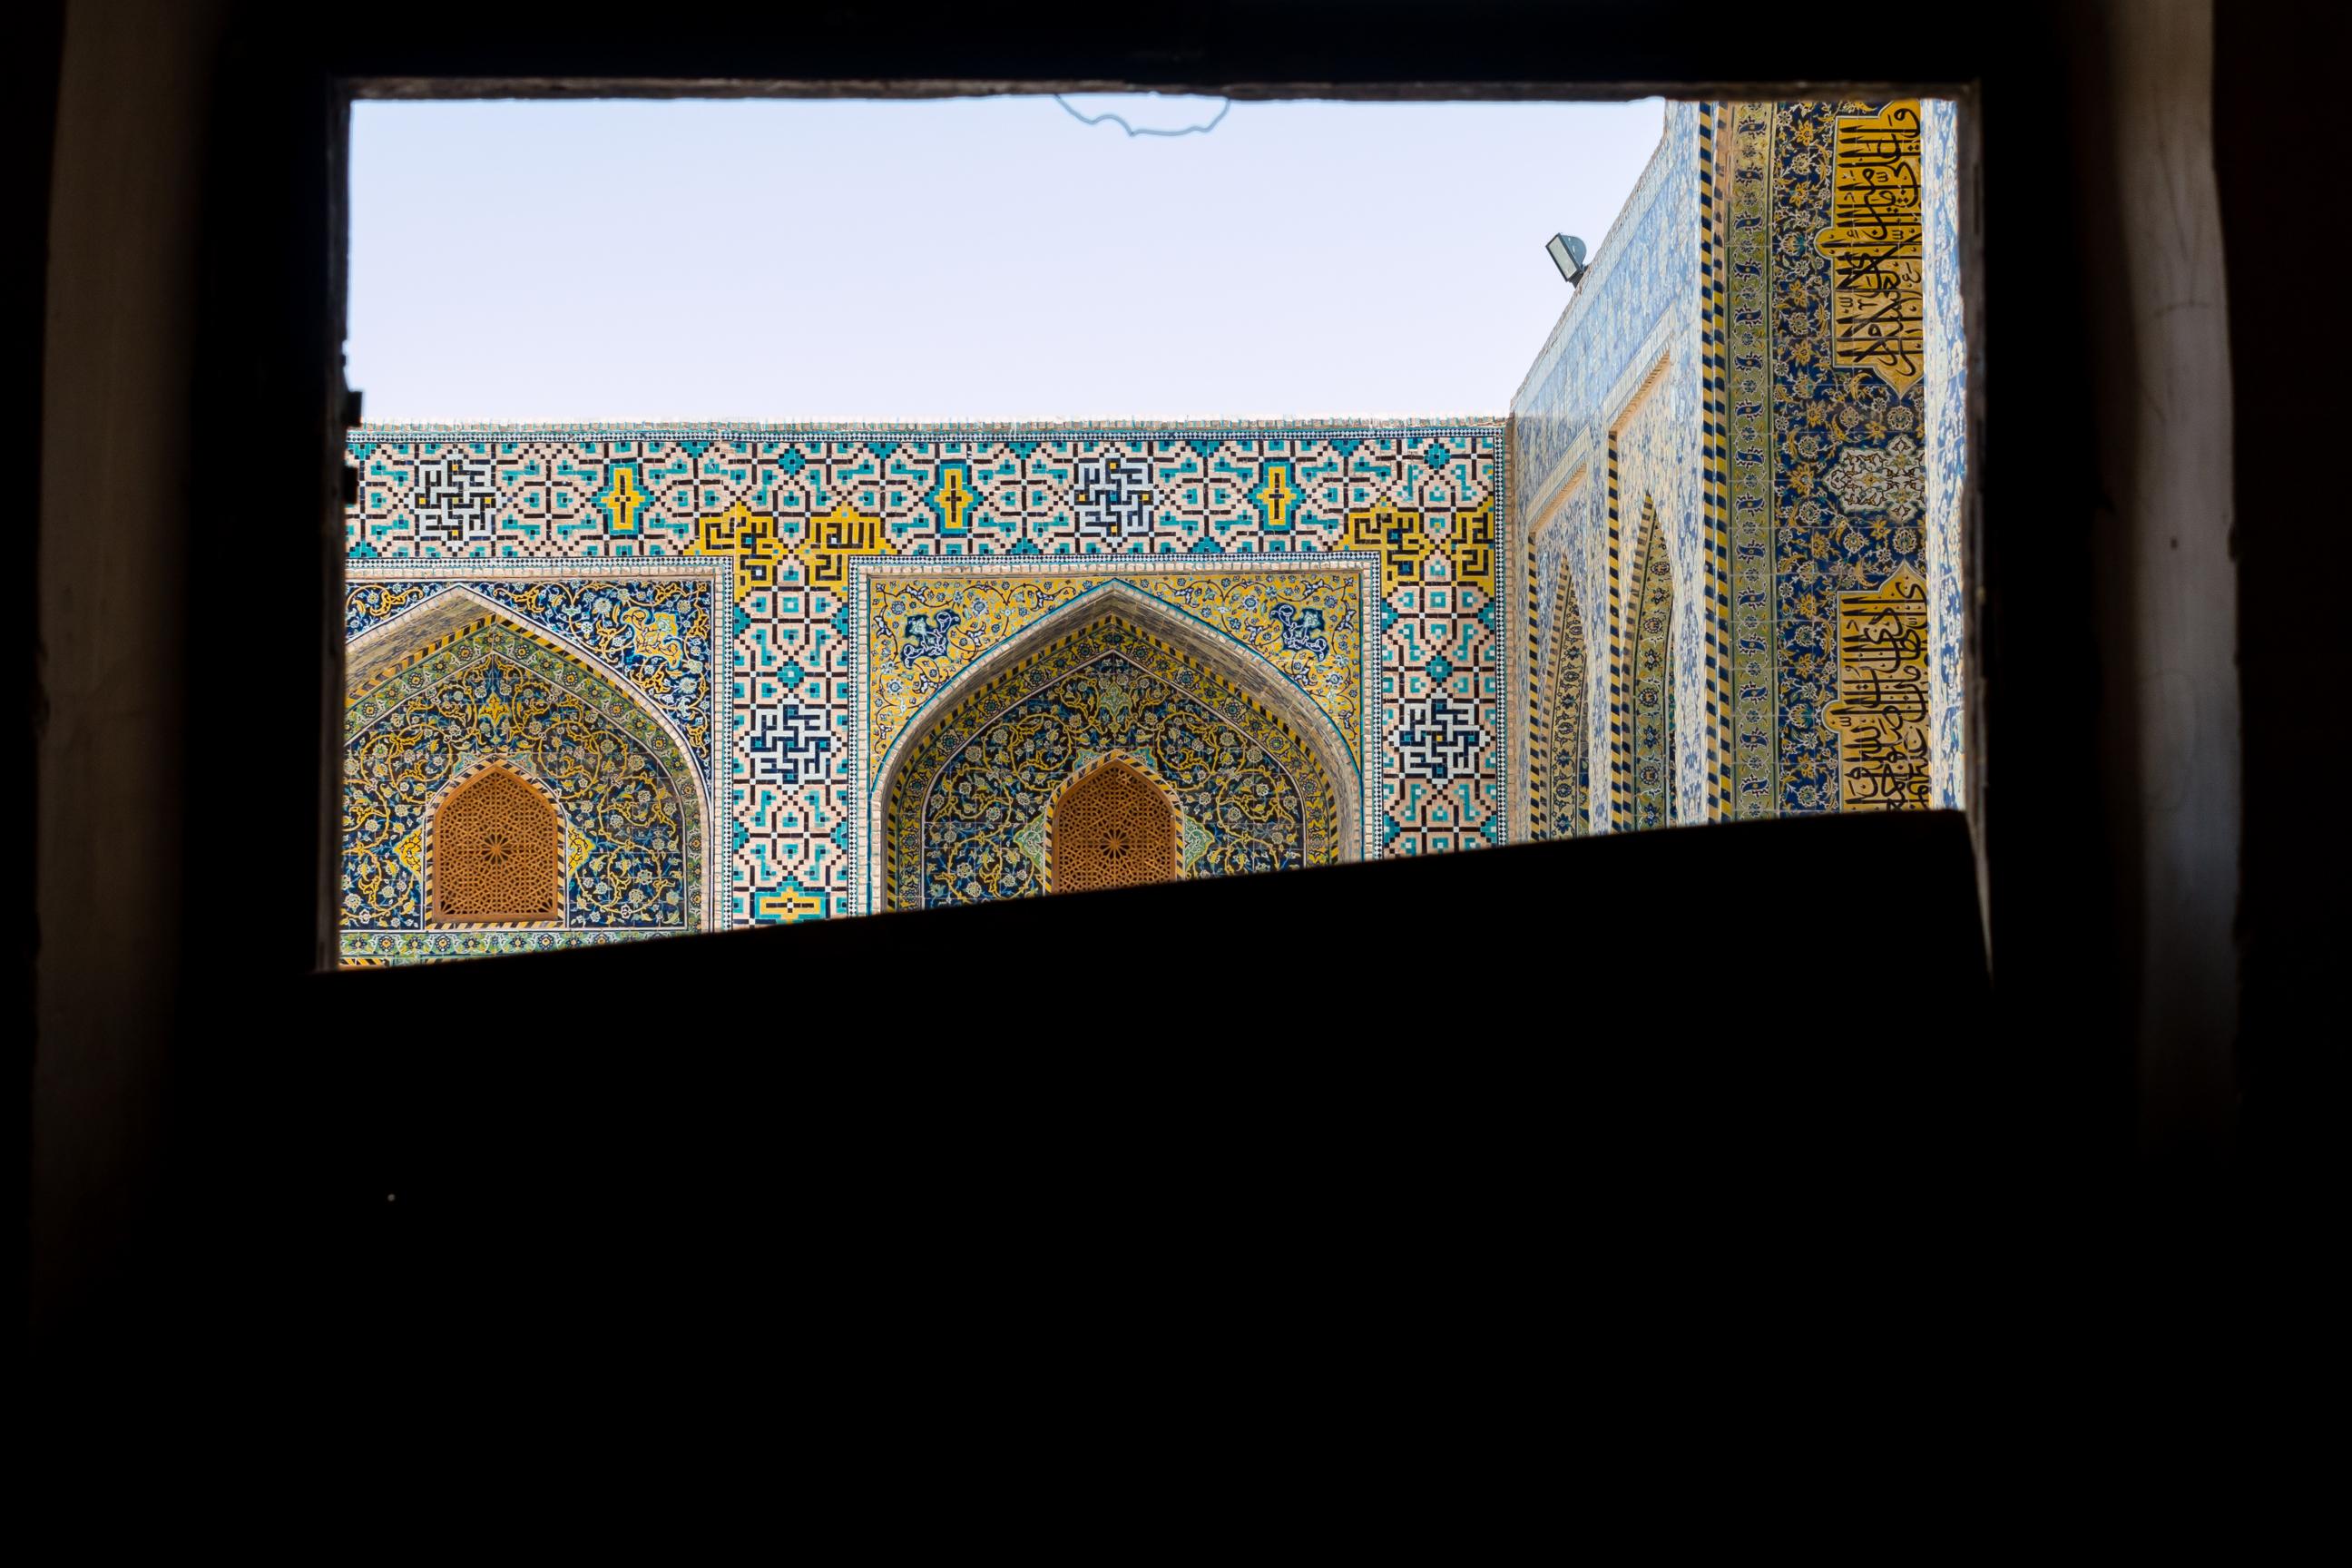 Moc kolorów to cecha charakterystyczna meczetów.